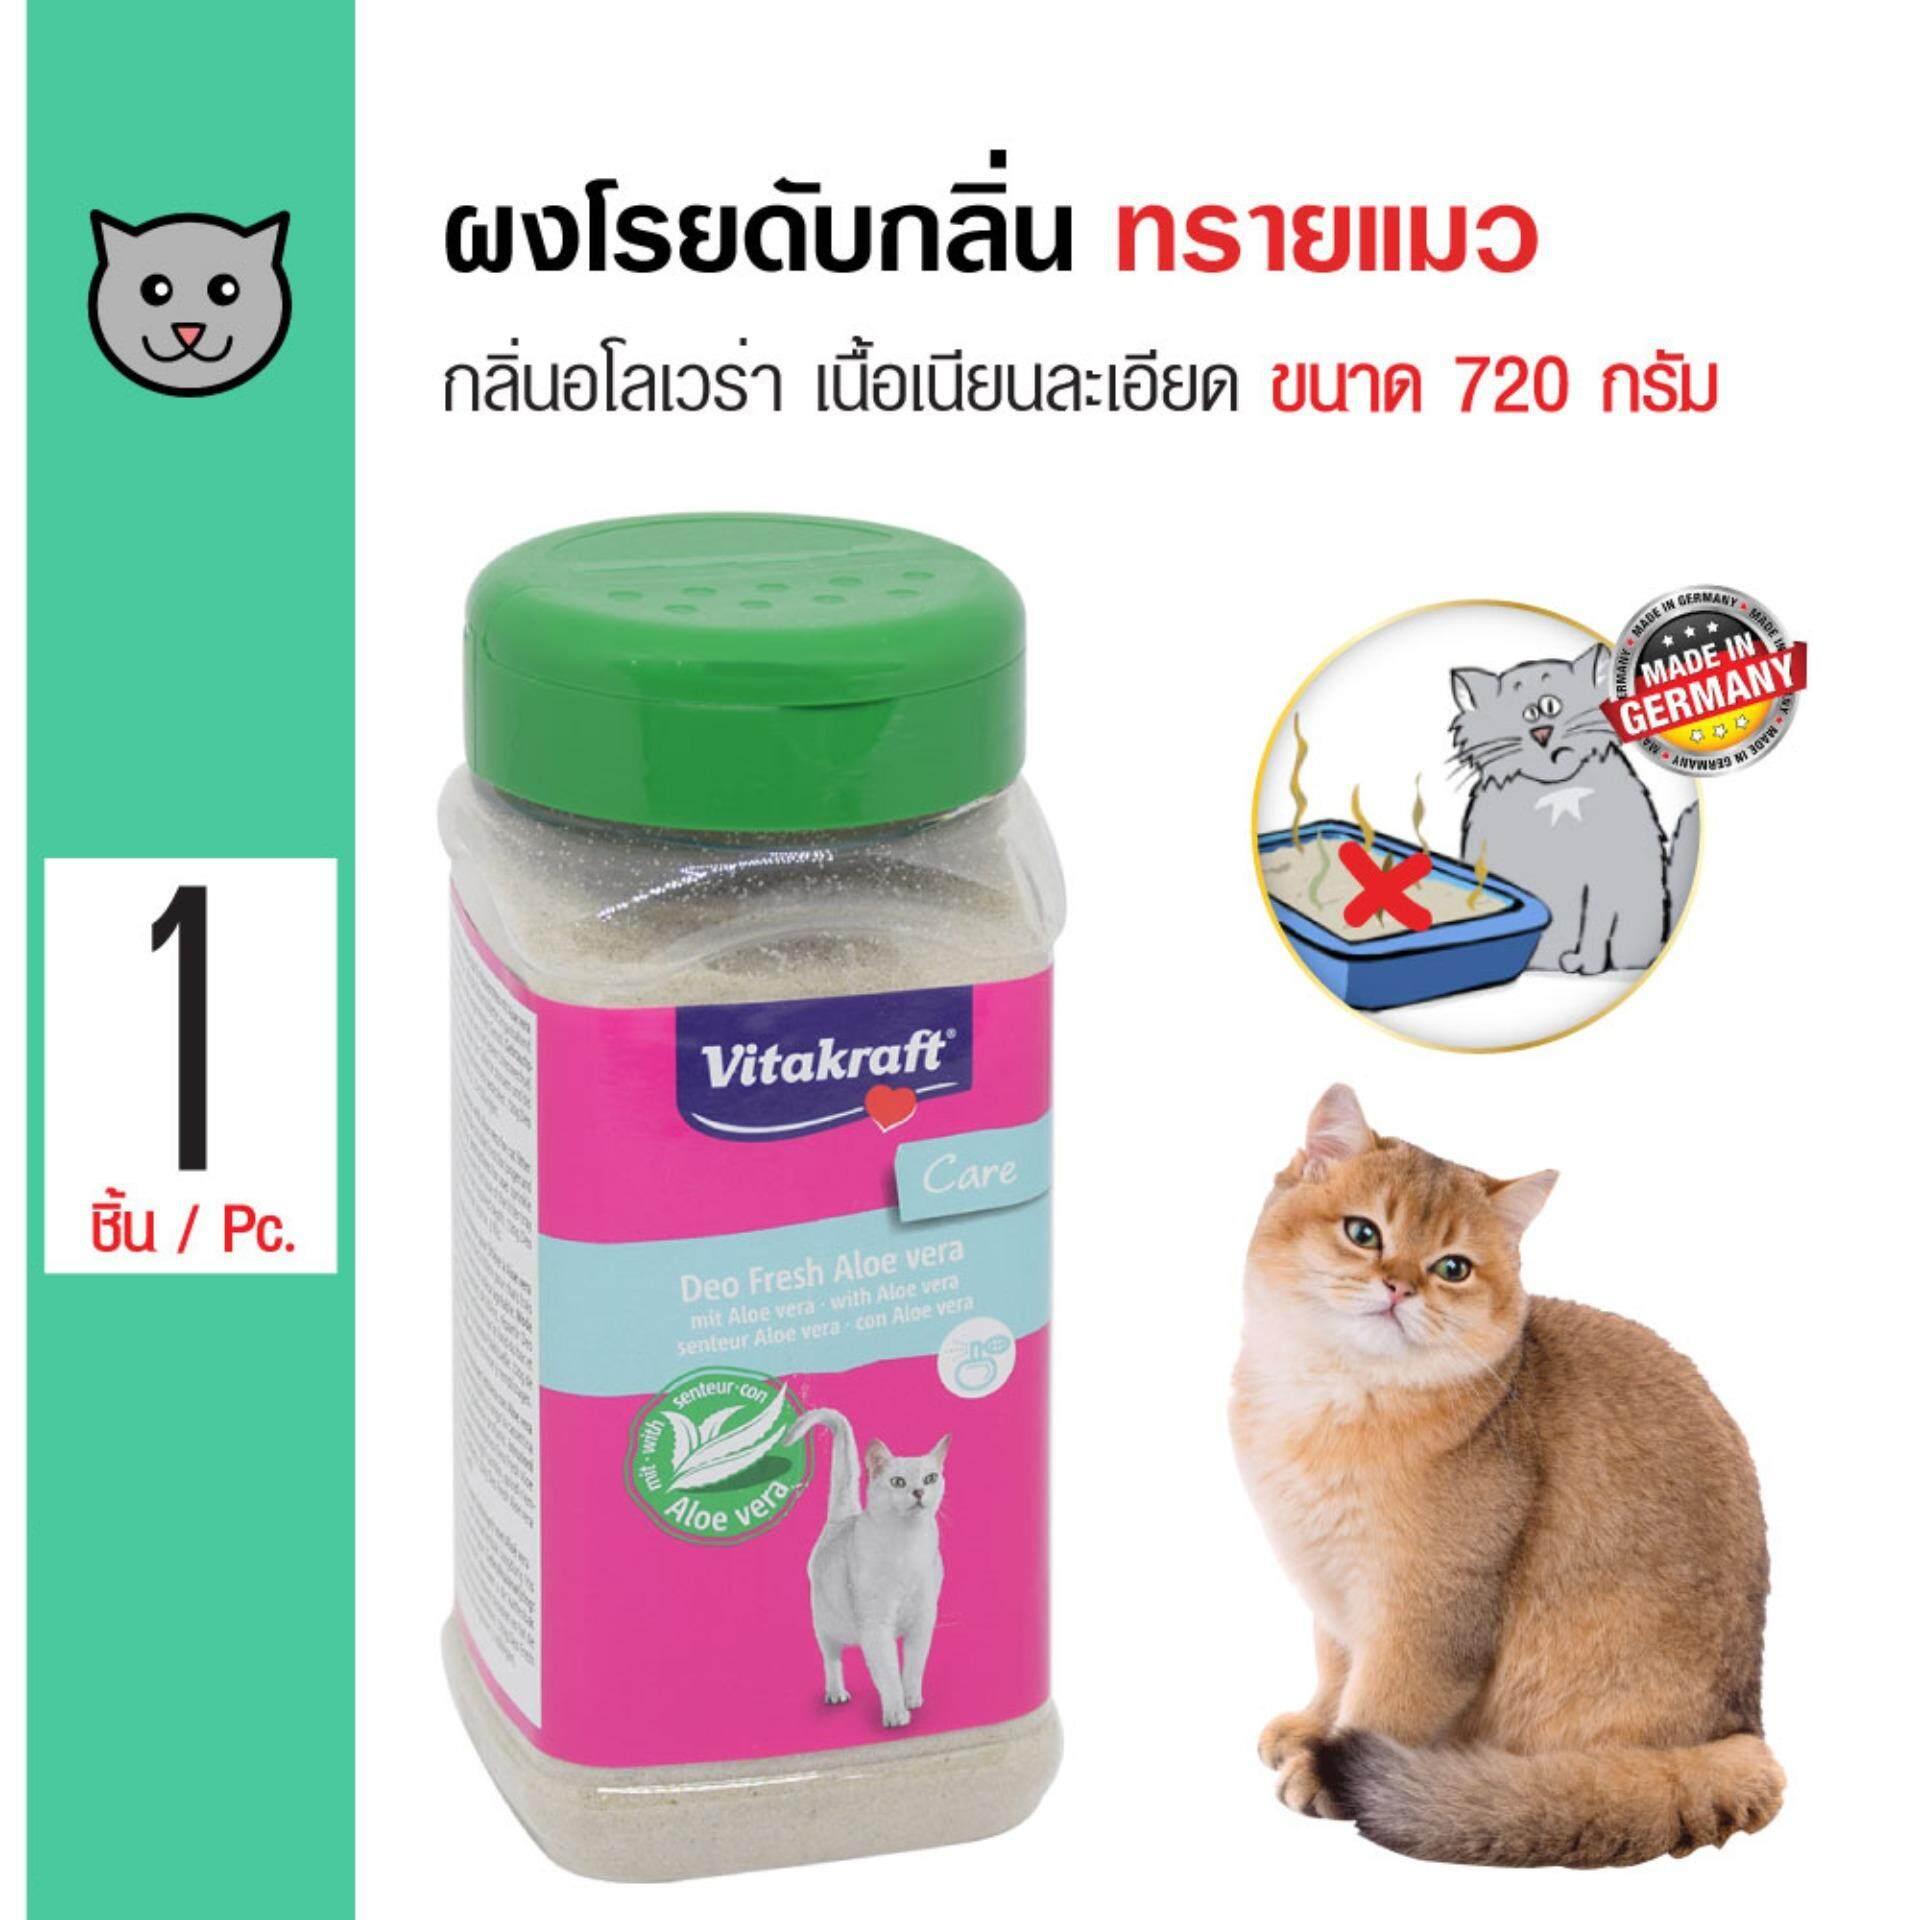 Vitakraft Deo Fresh ผงโรยทราย ผงโรยดับกลิ่น กลิ่นอโลเวร่า เนื้อเนียนละเอียดสีขาว สำหรับกระบะทรายแมว (720 กรัม/ กระปุก)